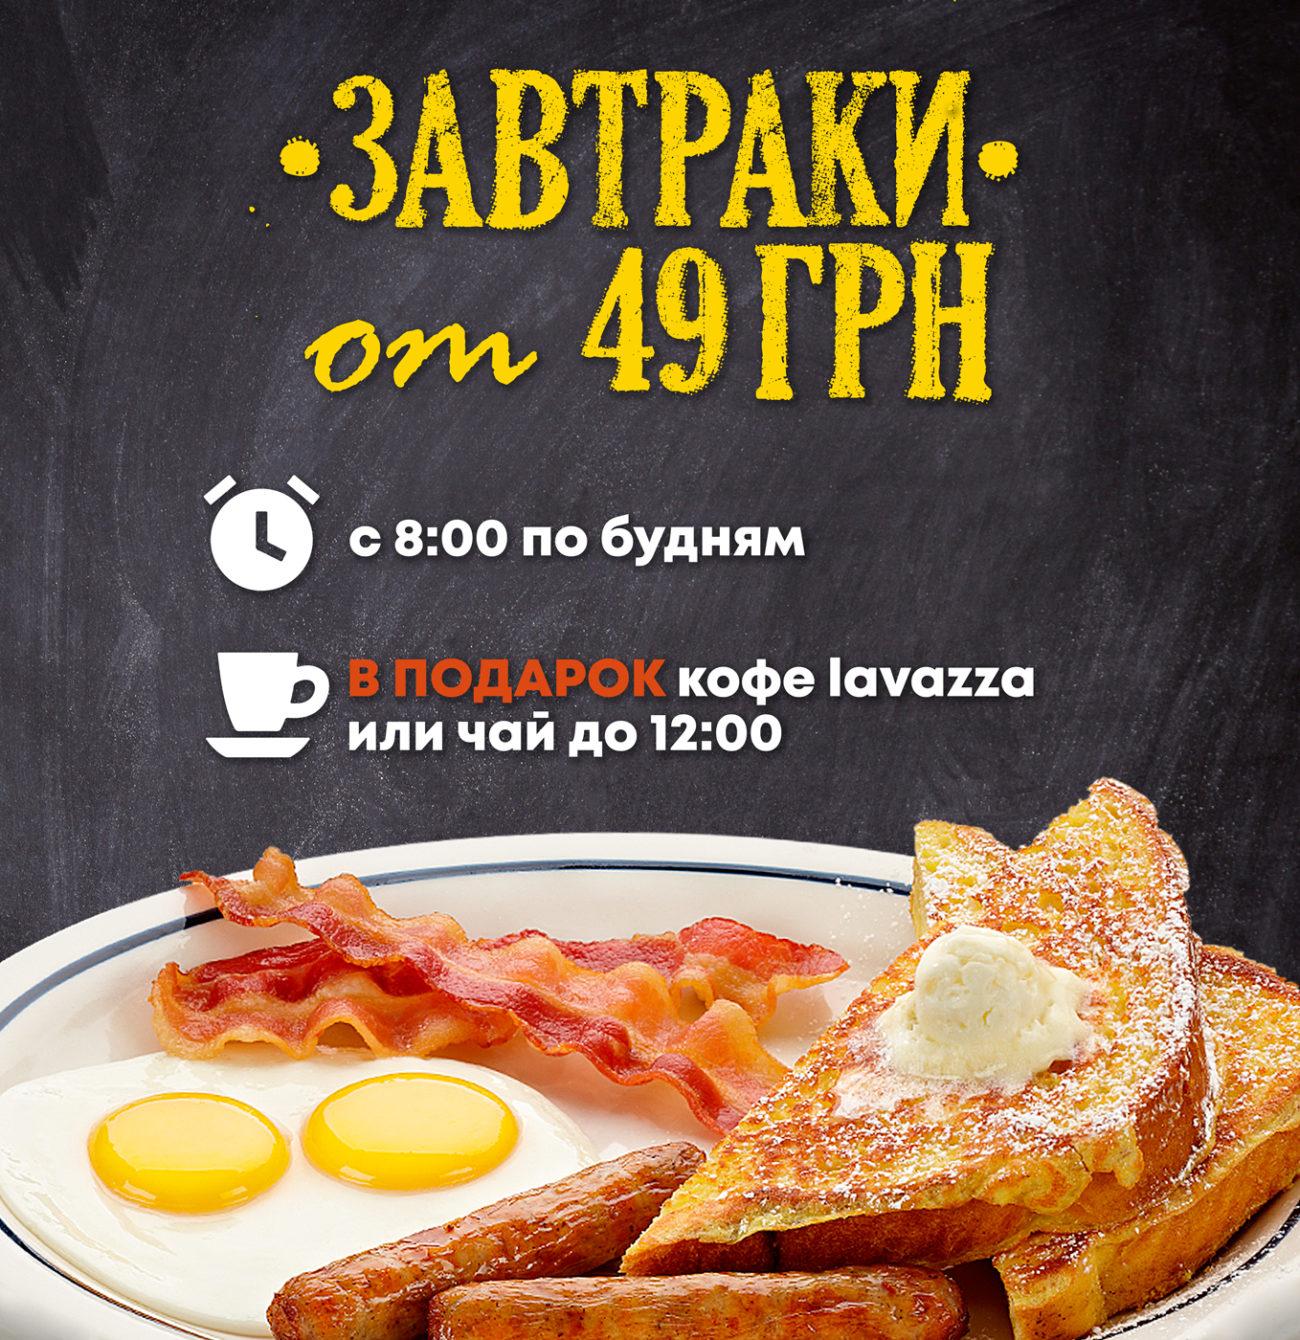 Завтраки Днепр